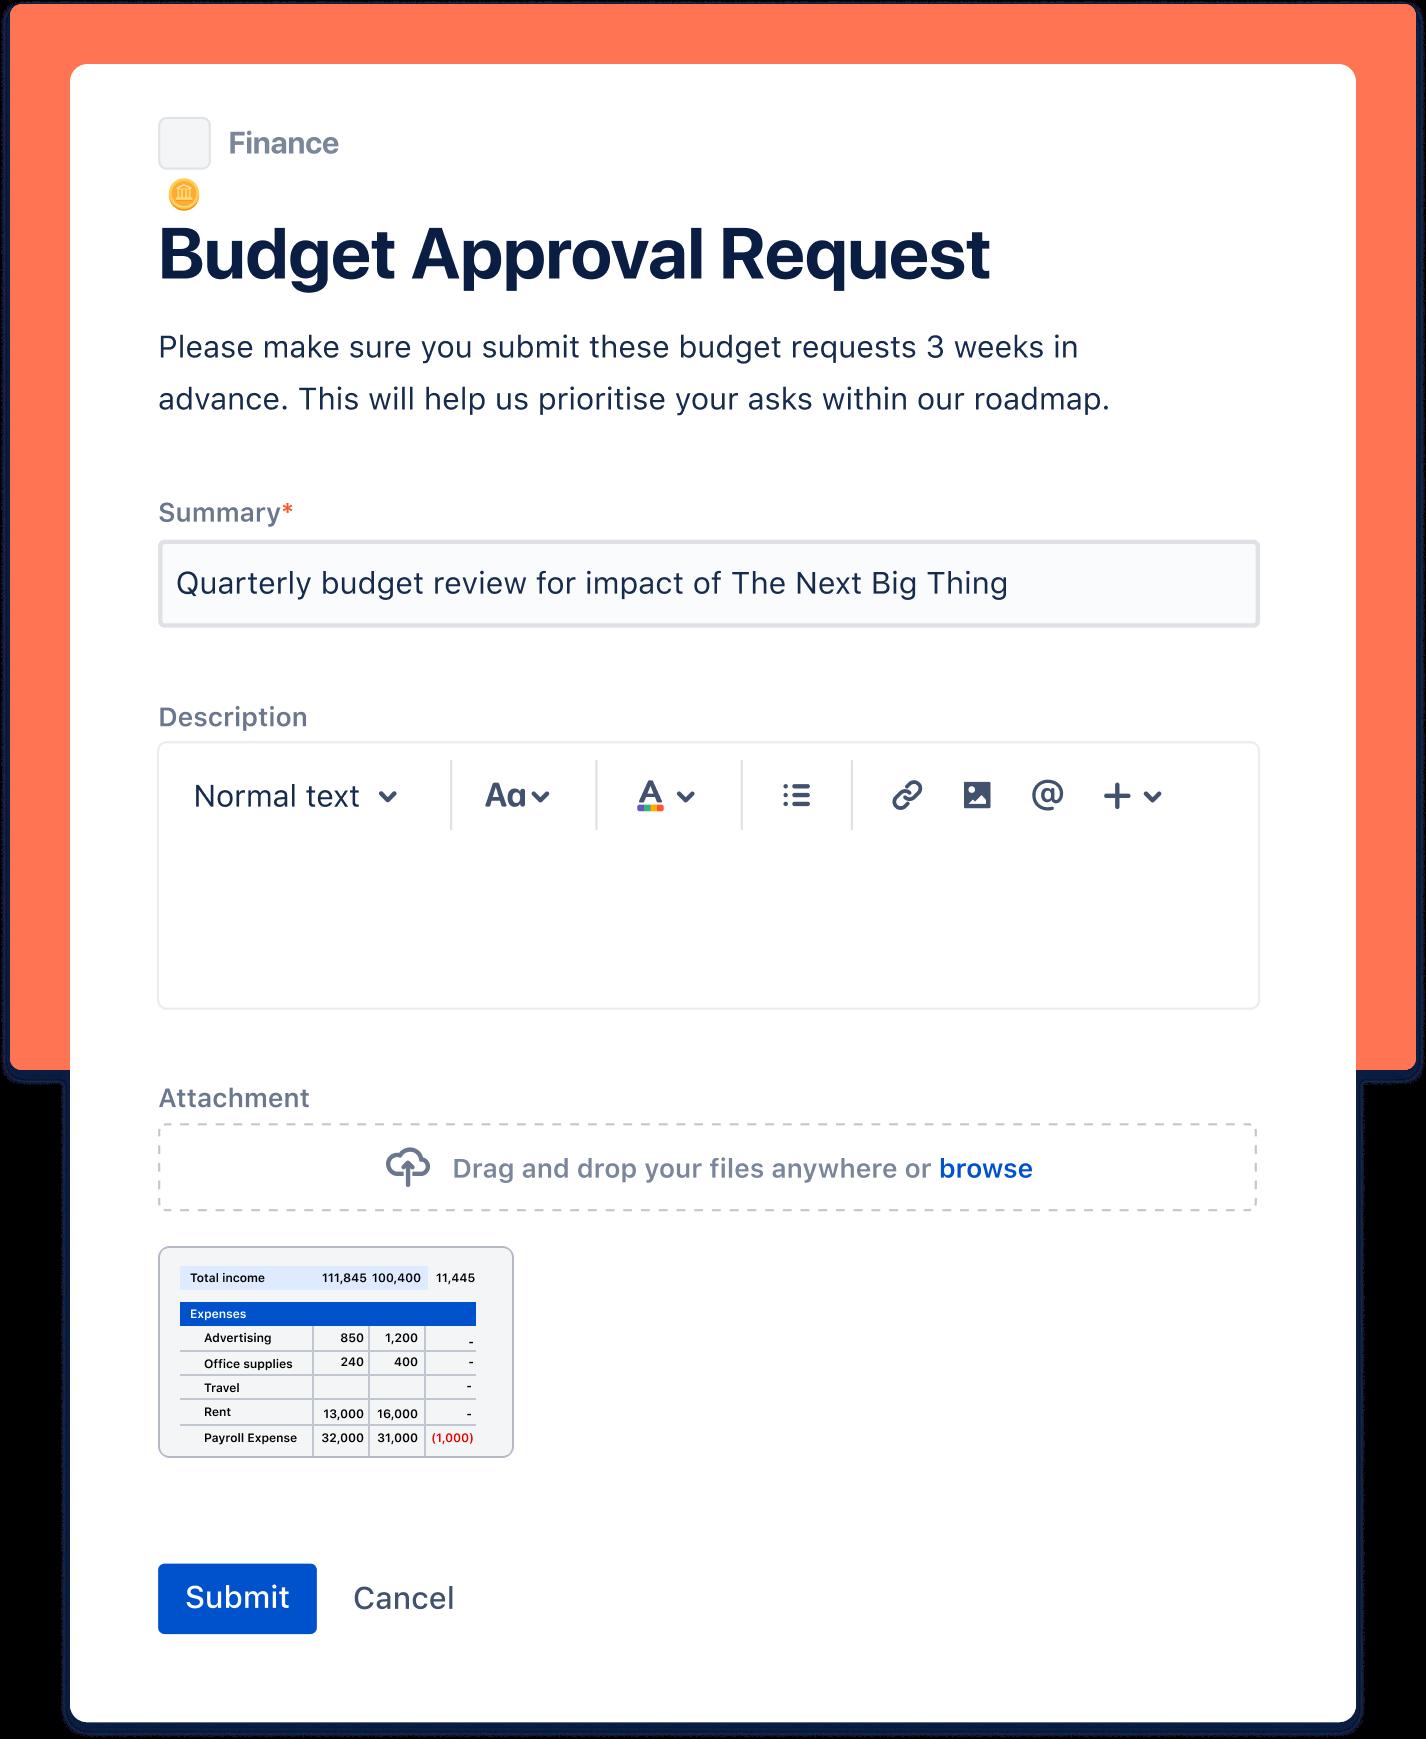 Снимок экрана: запрос на подтверждение бюджета